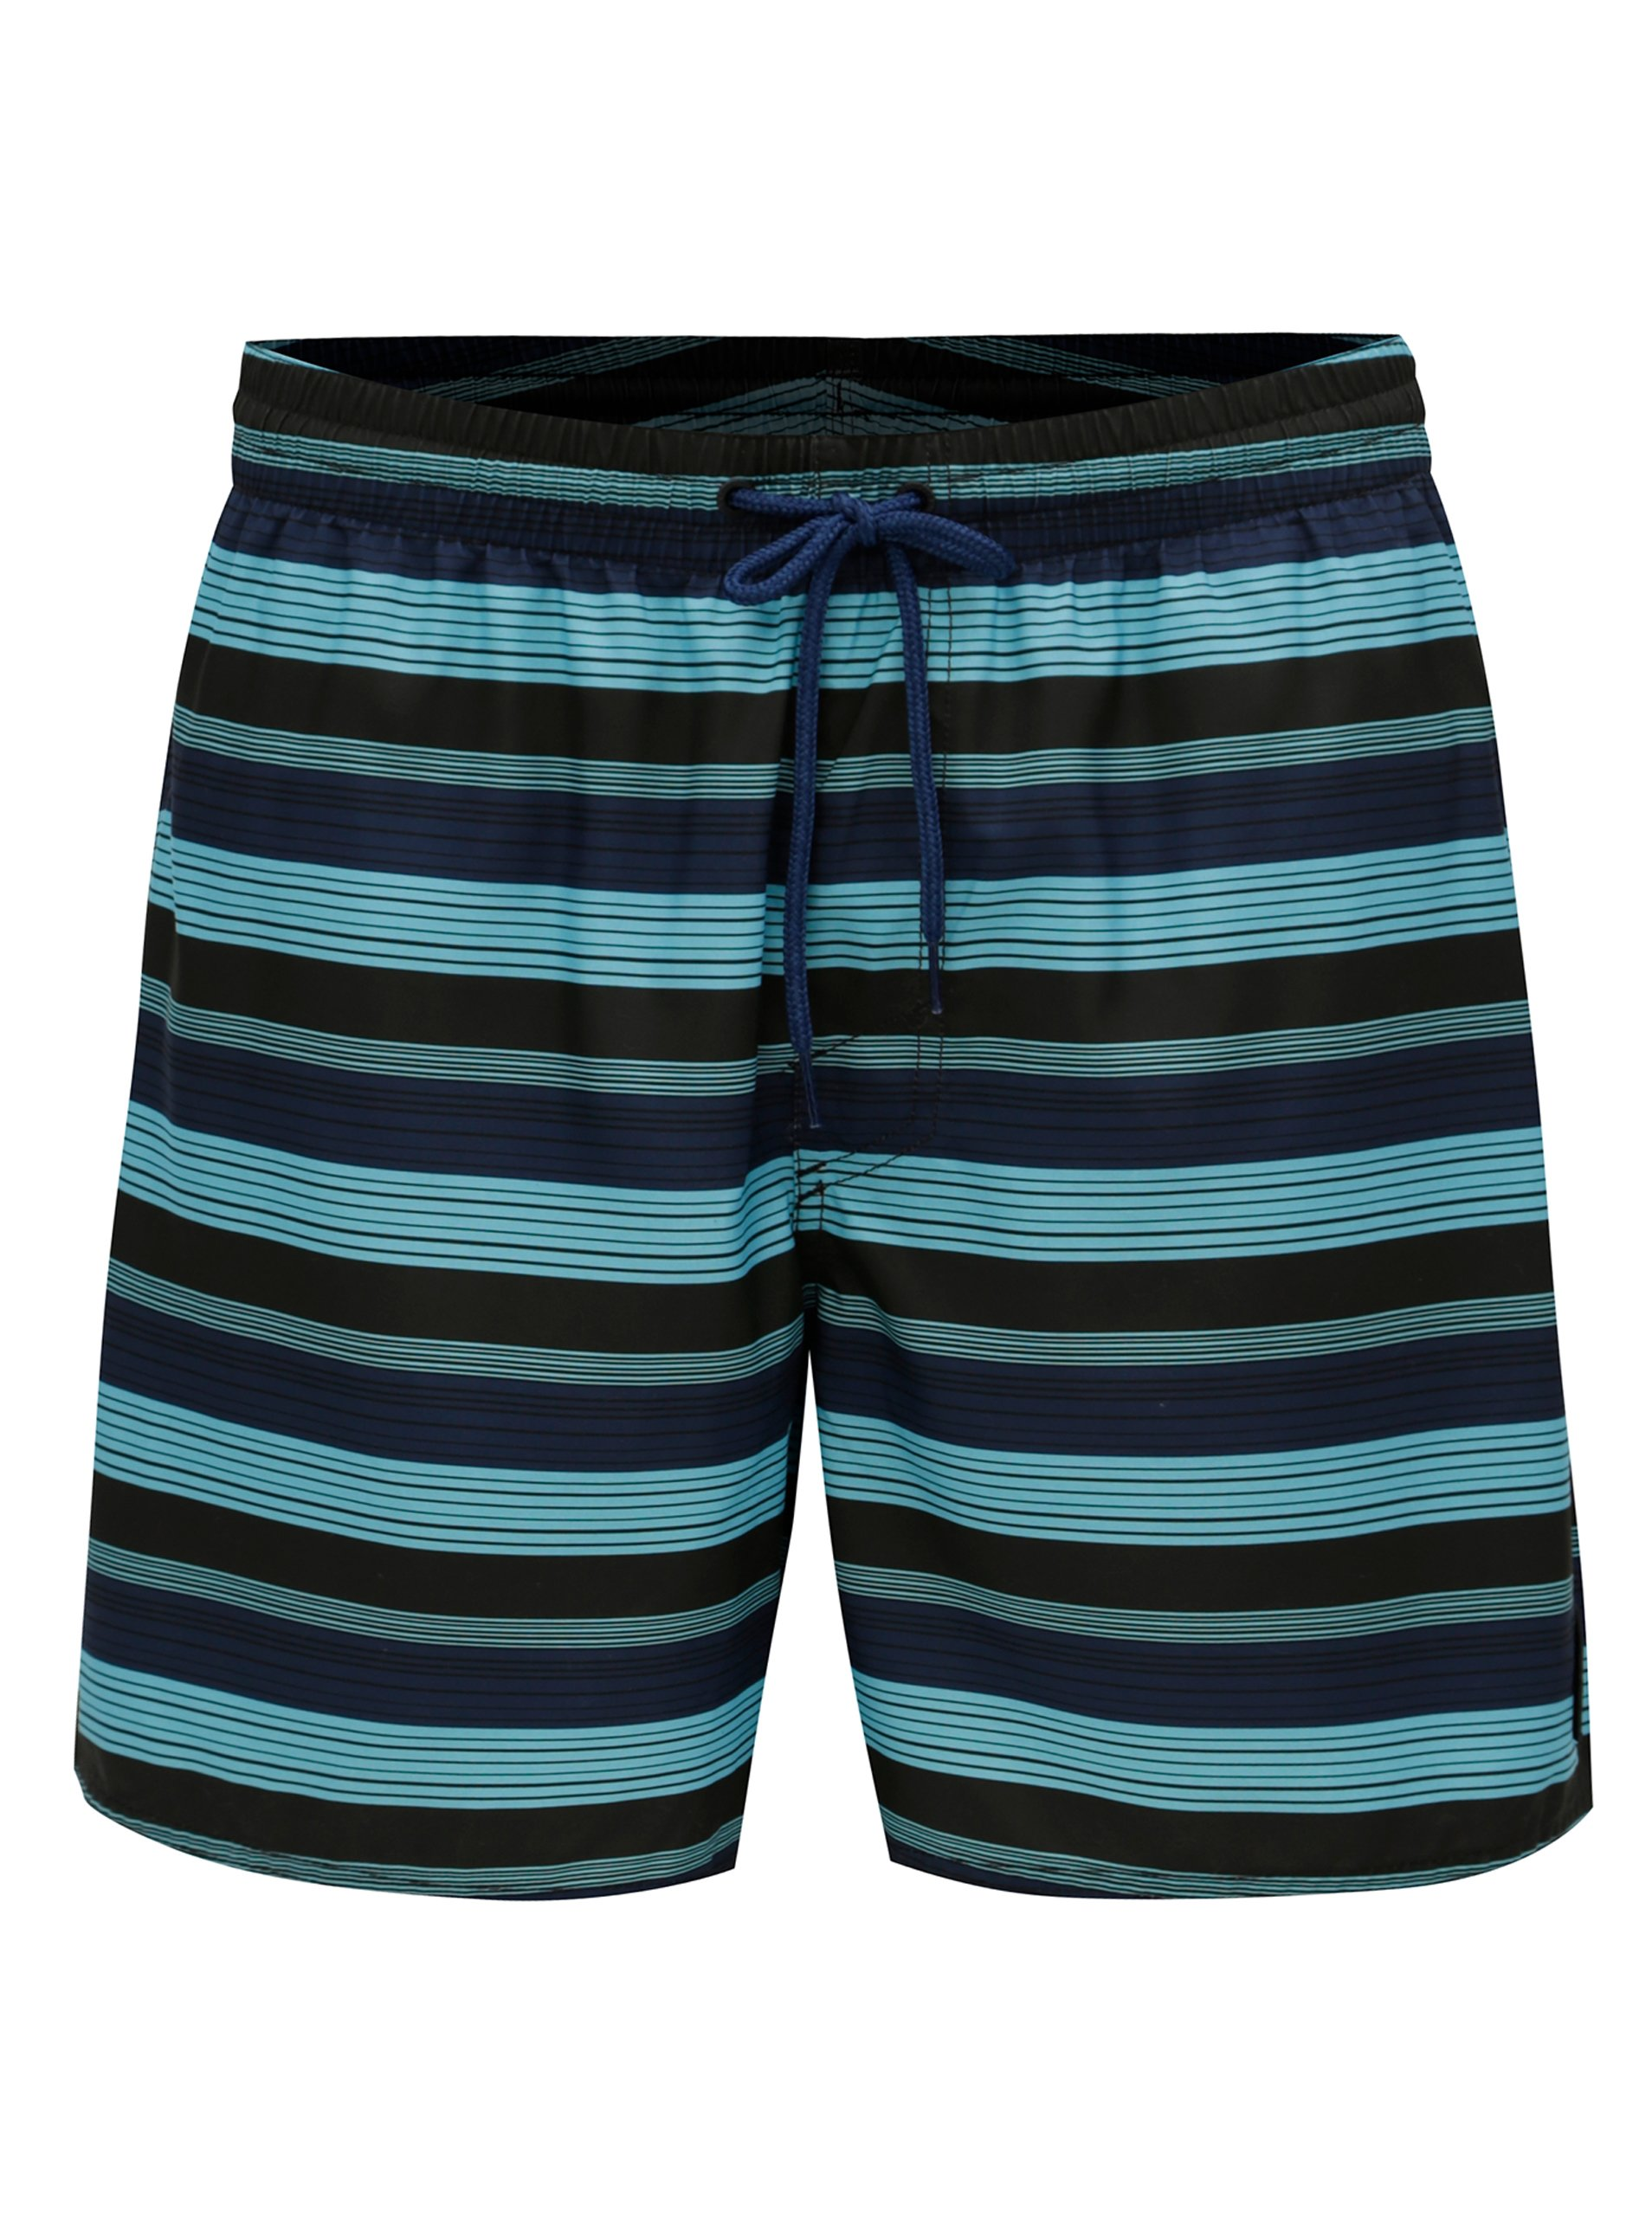 0505d07e123 Modré pánské pruhované plavky O Neill Bondi